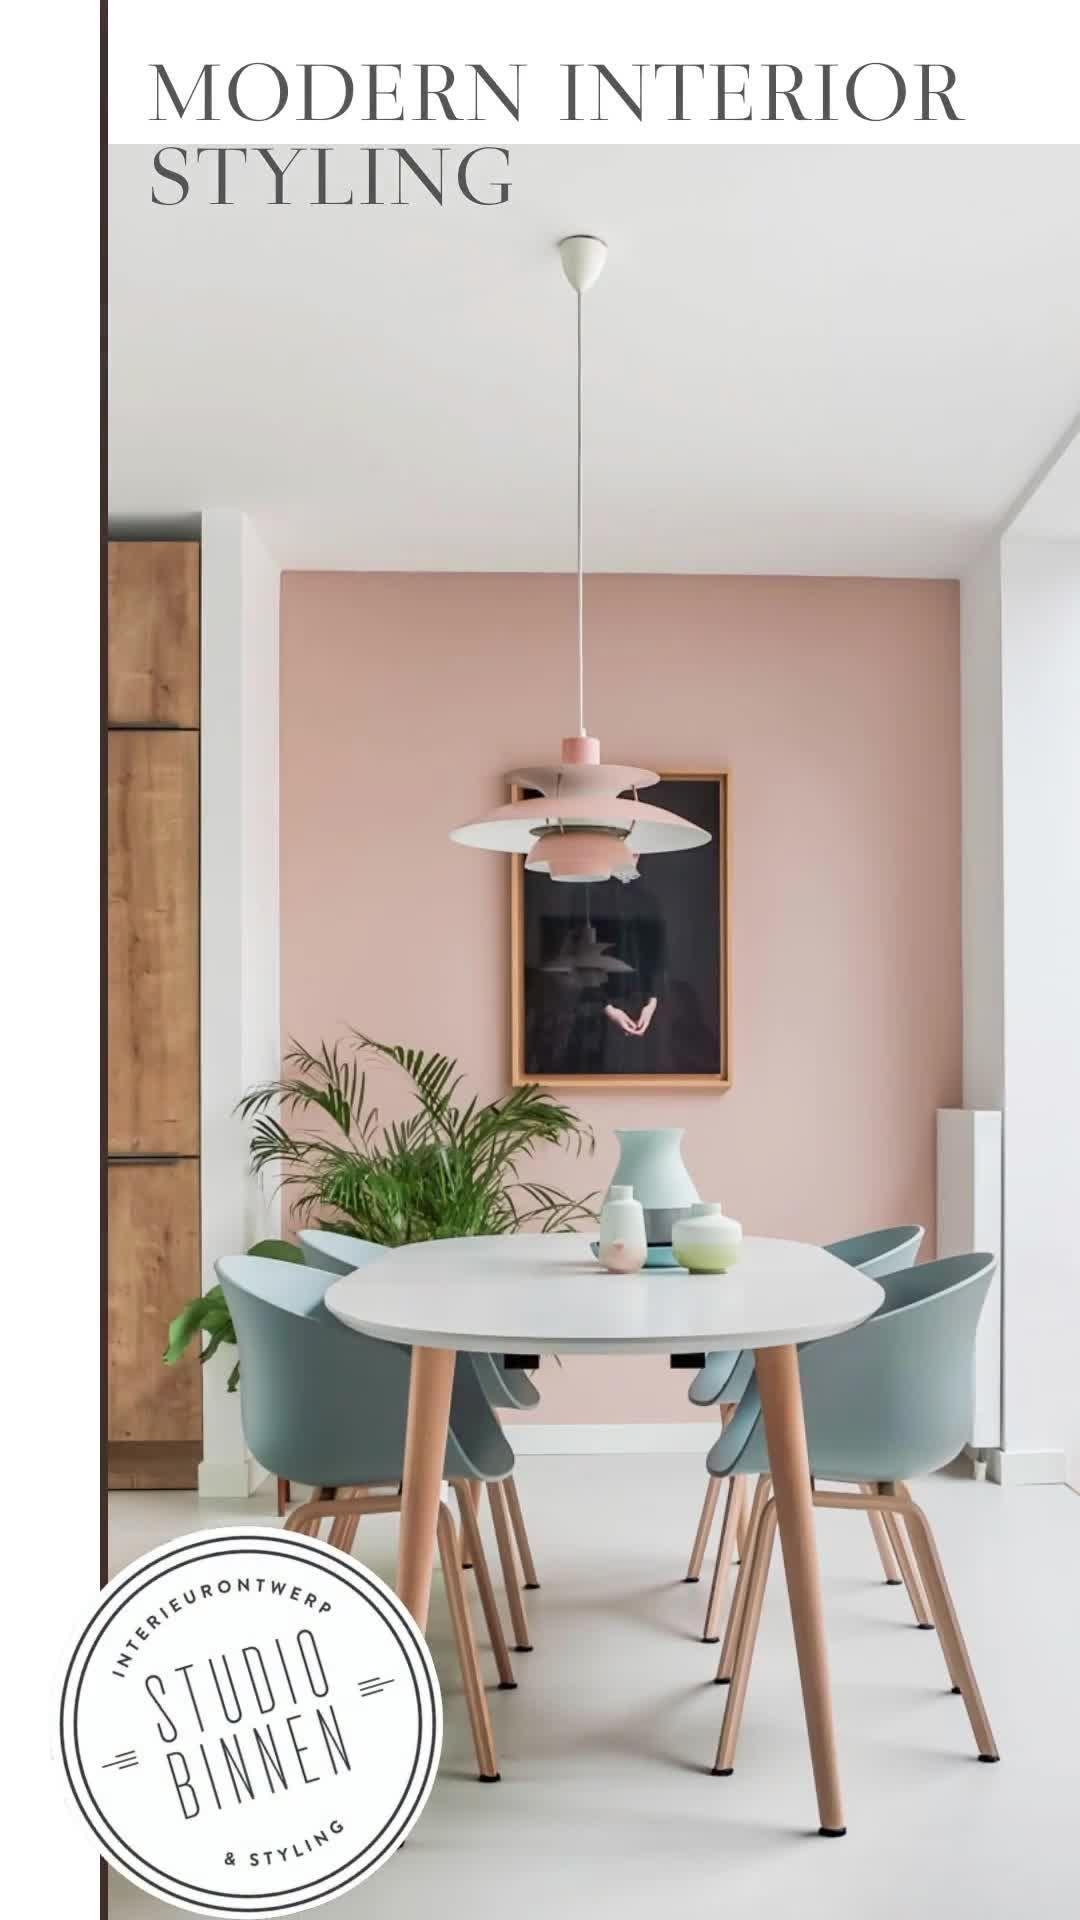 Interieurontwerp verbouwing woning Utrecht  | Studio Binnen interieurontwerper | Scandinavian interI